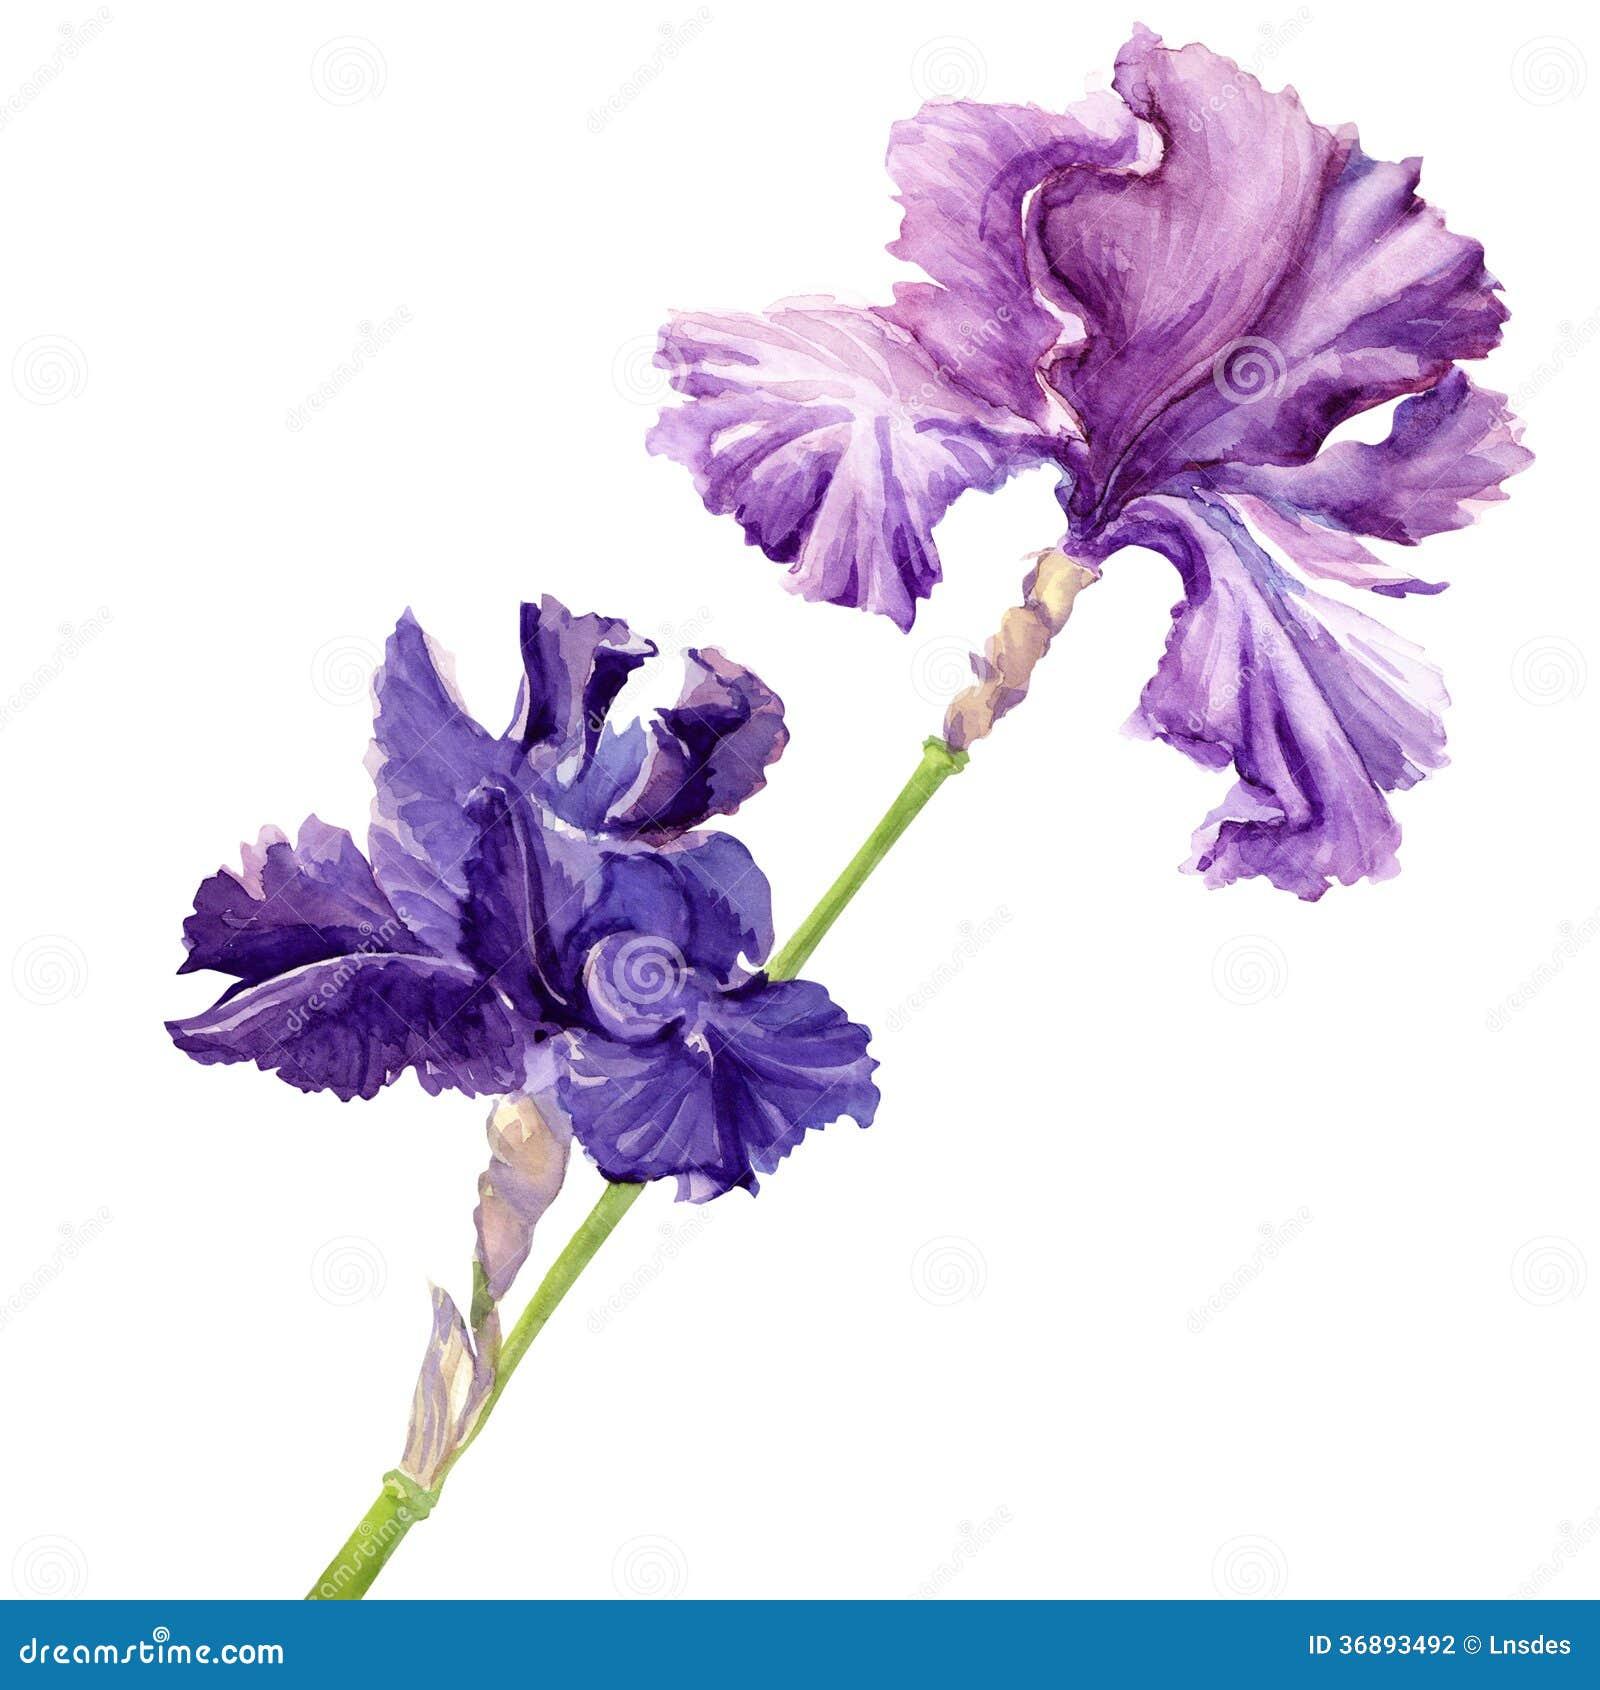 Iris flower painting comousar iris flower painting beautiful flower iris izmirmasajfo